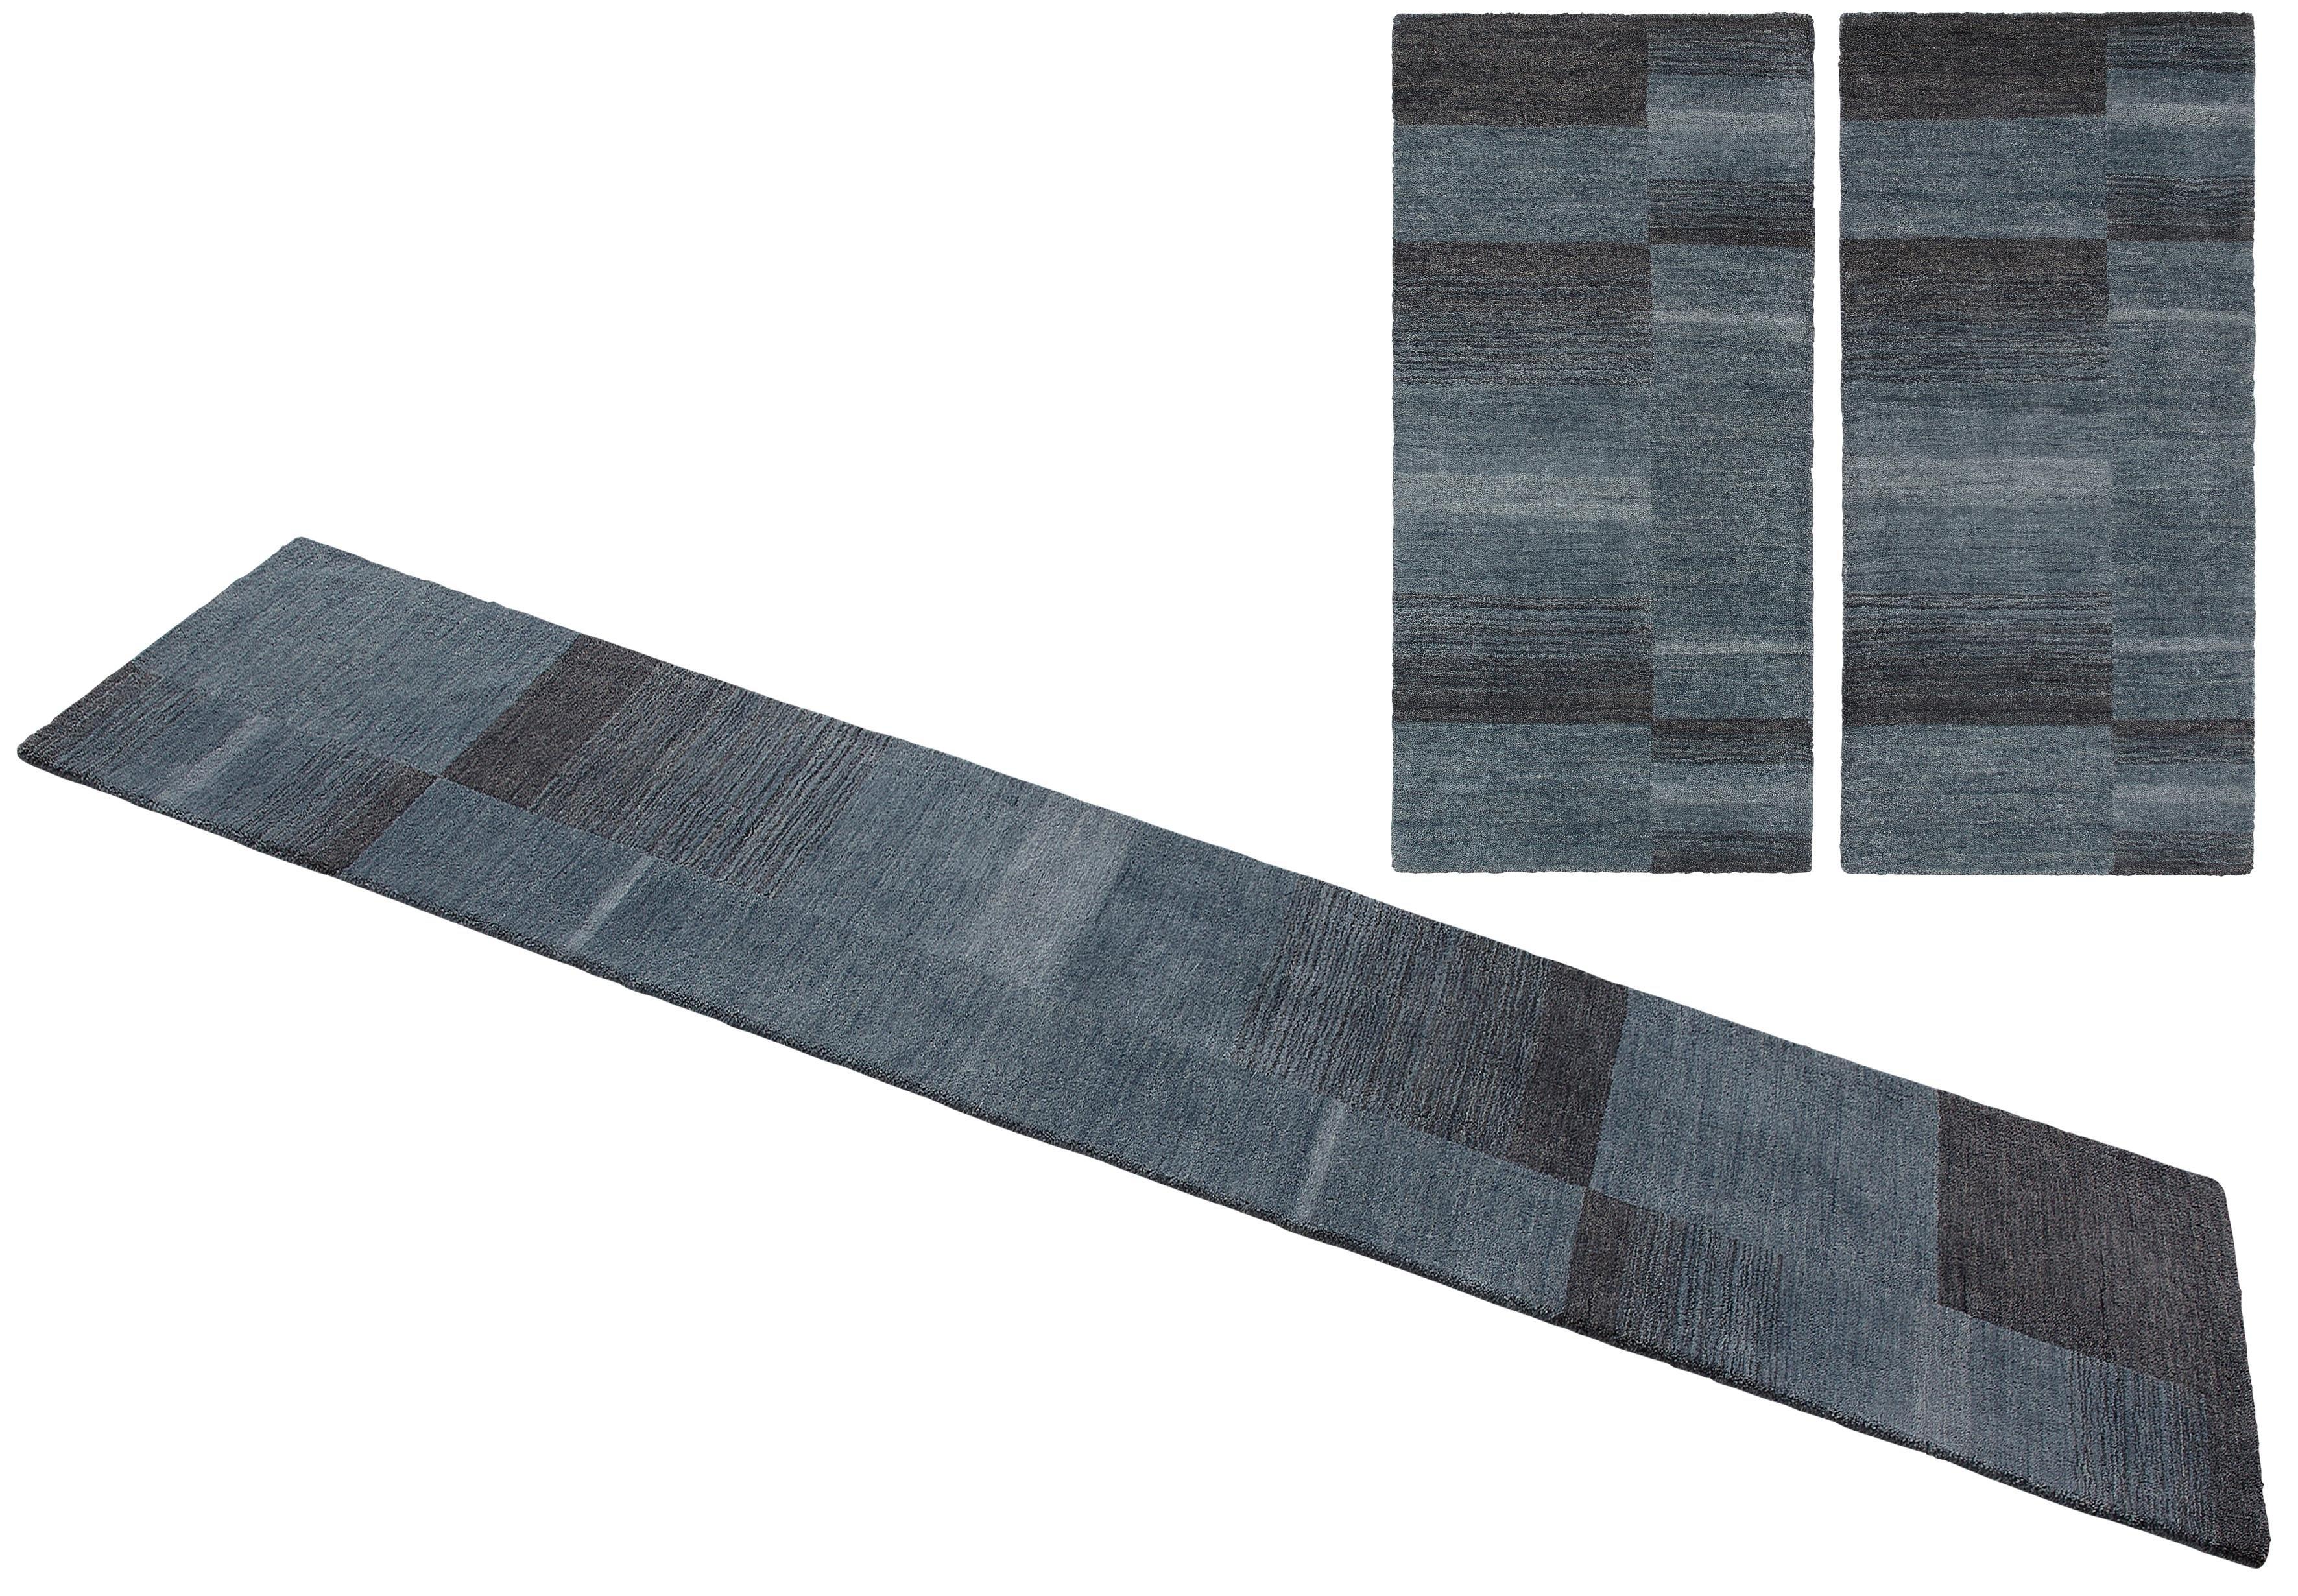 Theko Exklusiv Set slaapkamerkleedjes »Jorun« Theko Exklusiv, hoogte 14 mm (3-delig) bij OTTO online kopen